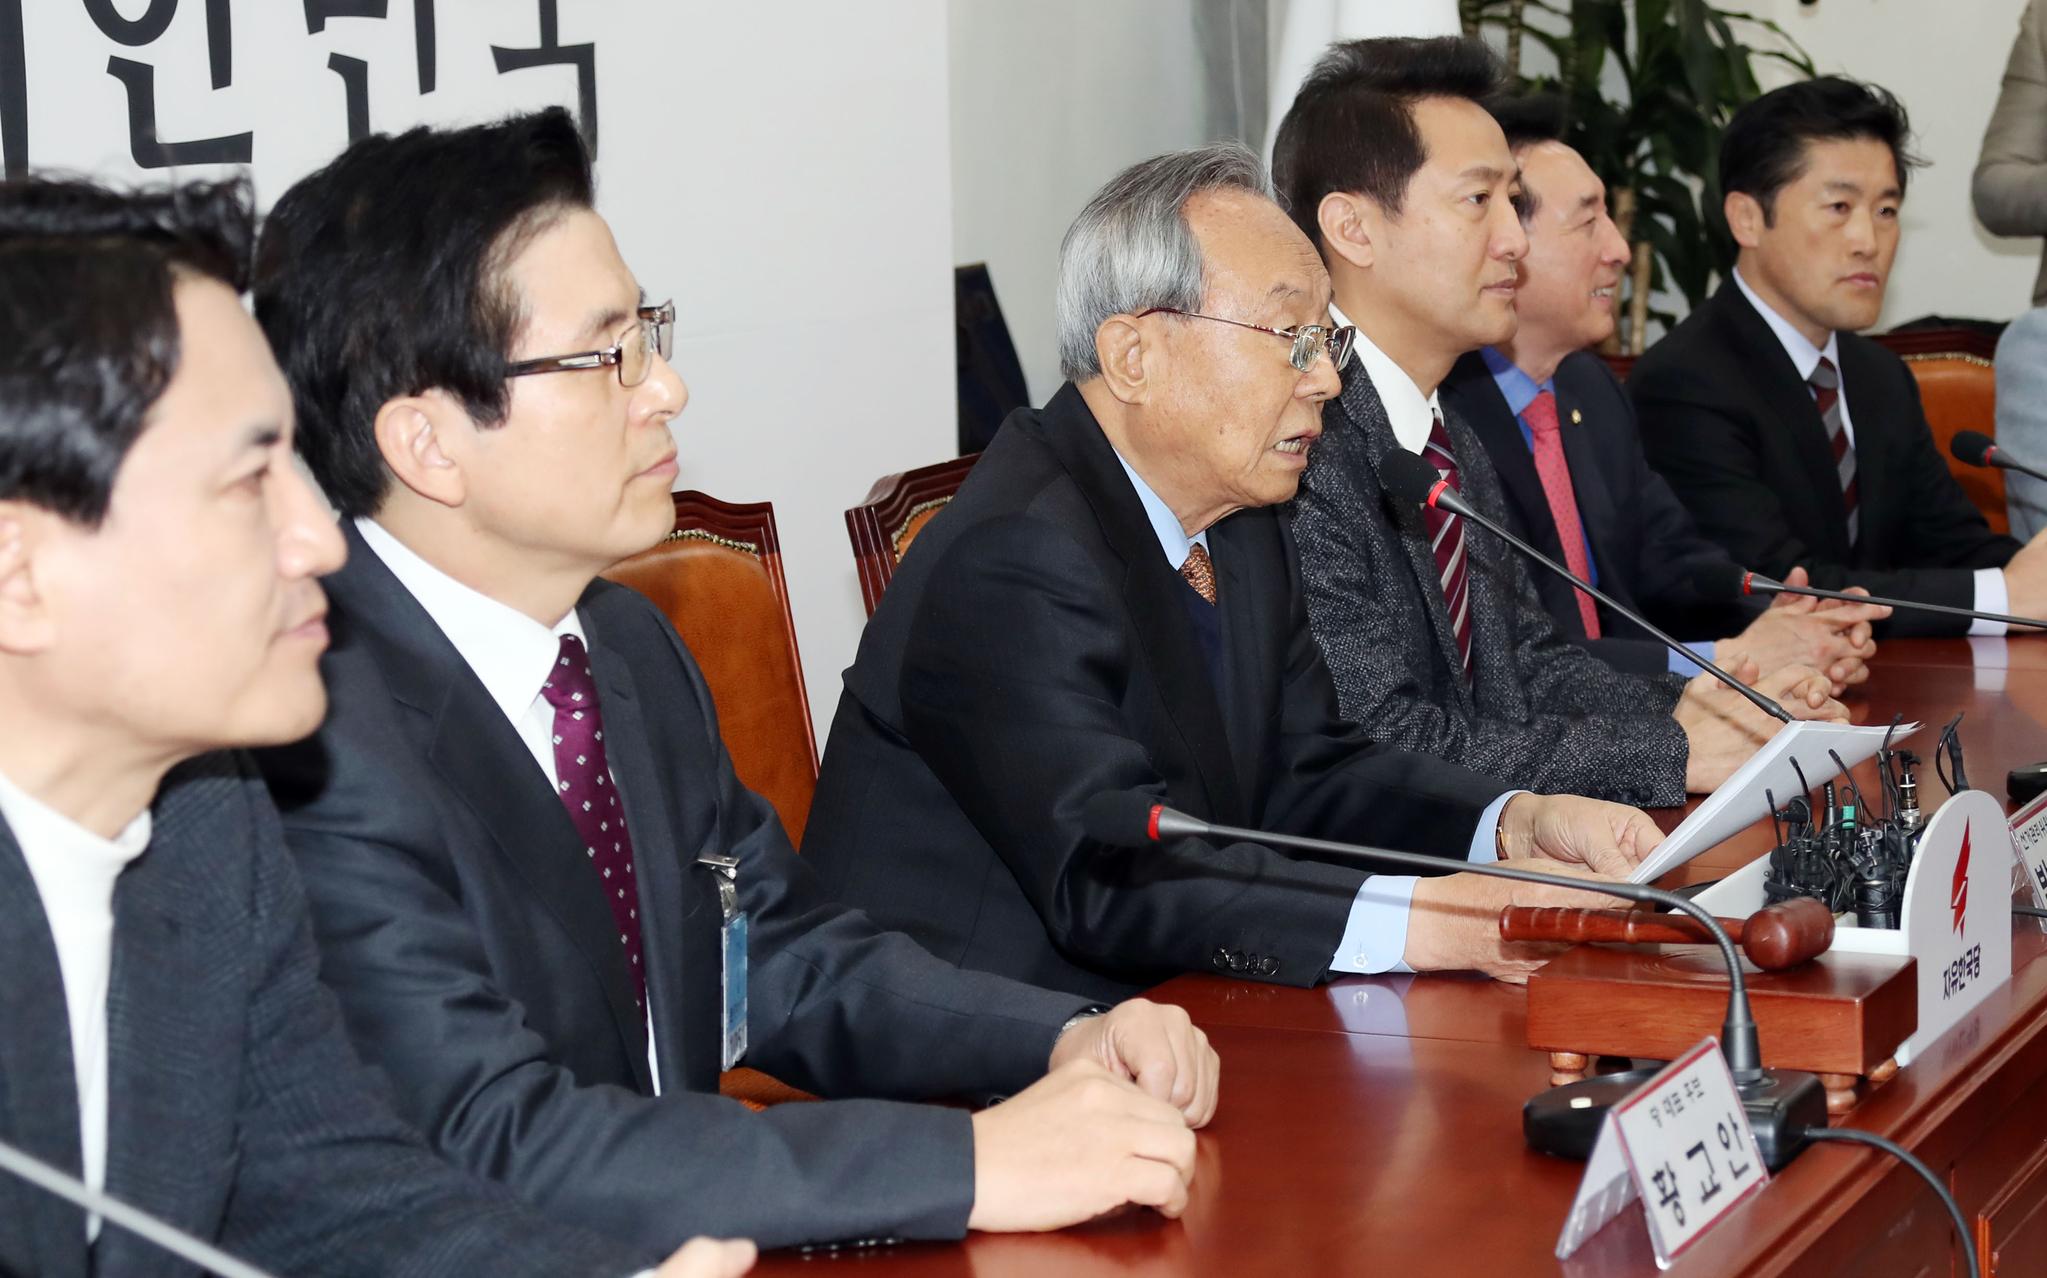 황교안, 오세훈, 김진태 후보가 참석한 자유한국당 선관위 회의가 13일 오전 국회에서 열렸다. 박관용 위원장(왼쪽 셋째)이 모두발언하고 있다. 변선구 기자